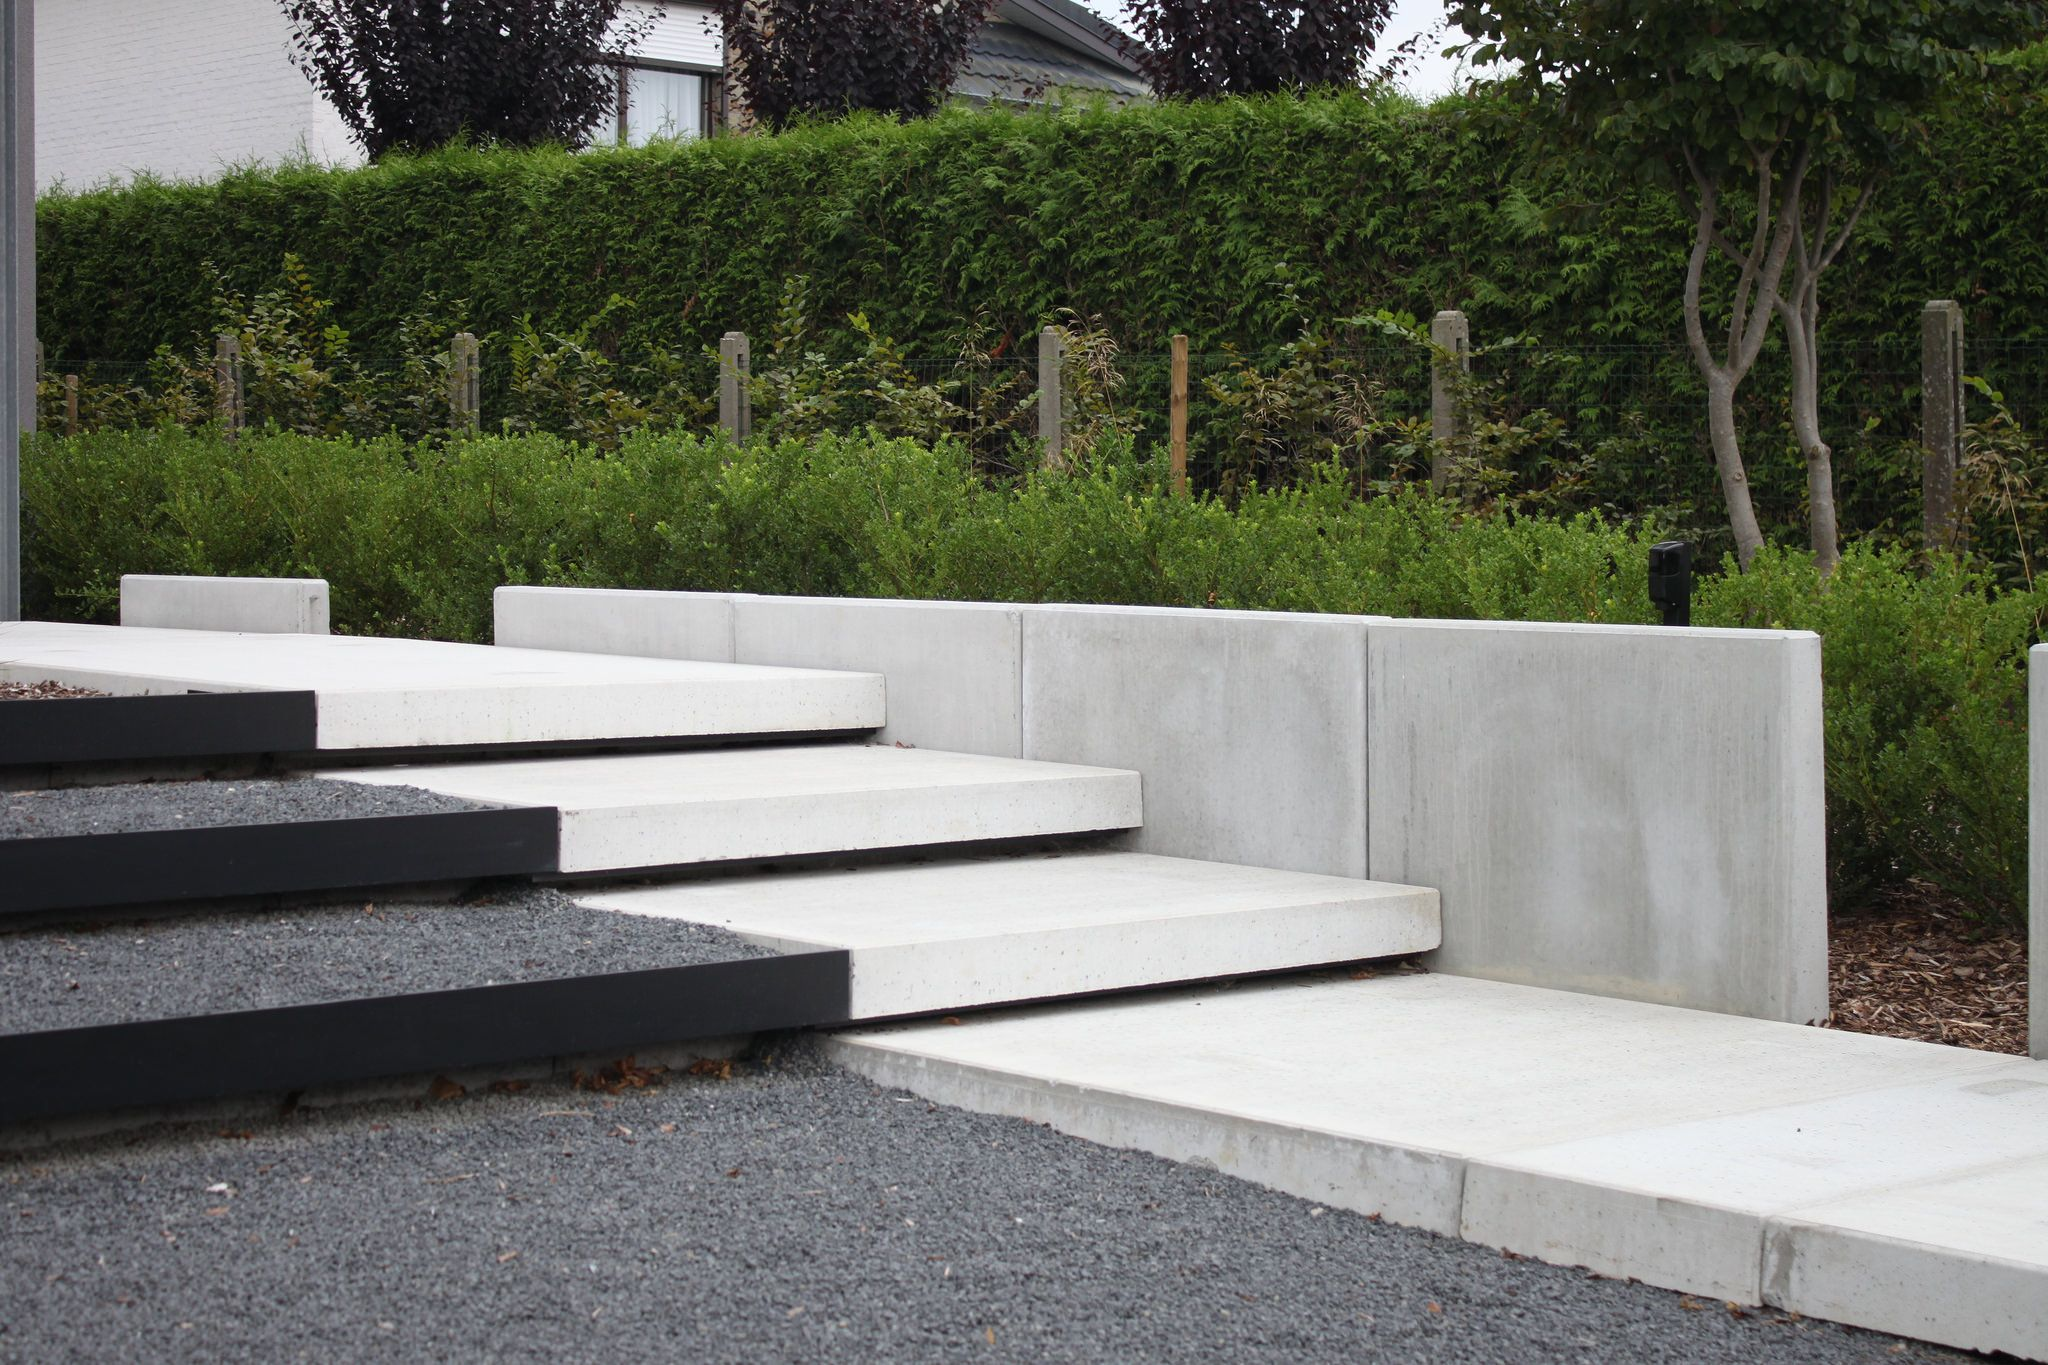 Eurodal betonnen vloerplaten raf ector berbroek stairs trappen